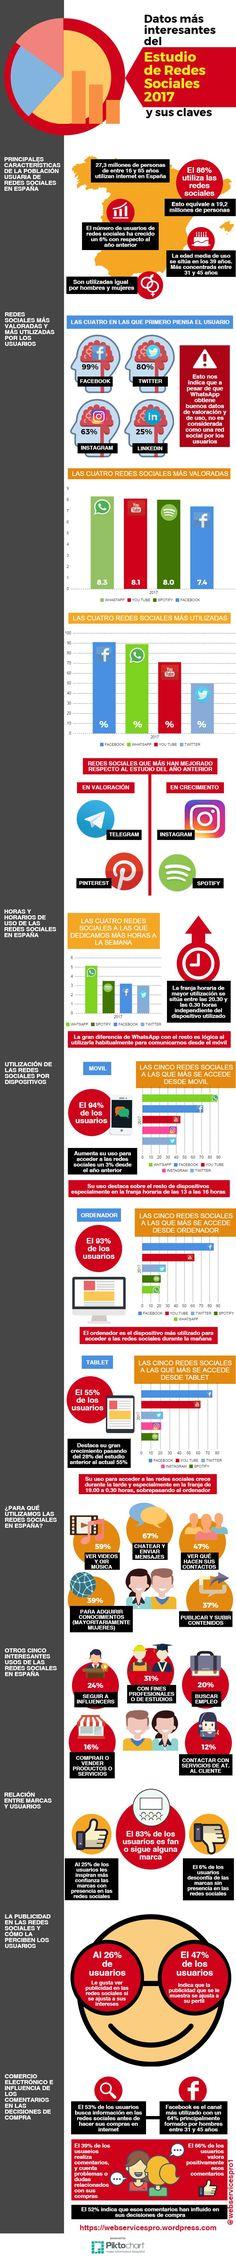 Datos-mas-interesantes-del-Estudio-de-Redes-Sociales-2017-y-sus-claves #EstudioRedesSociales #EstudioIAB #RedesoSociales #Infografía #SocialMedia